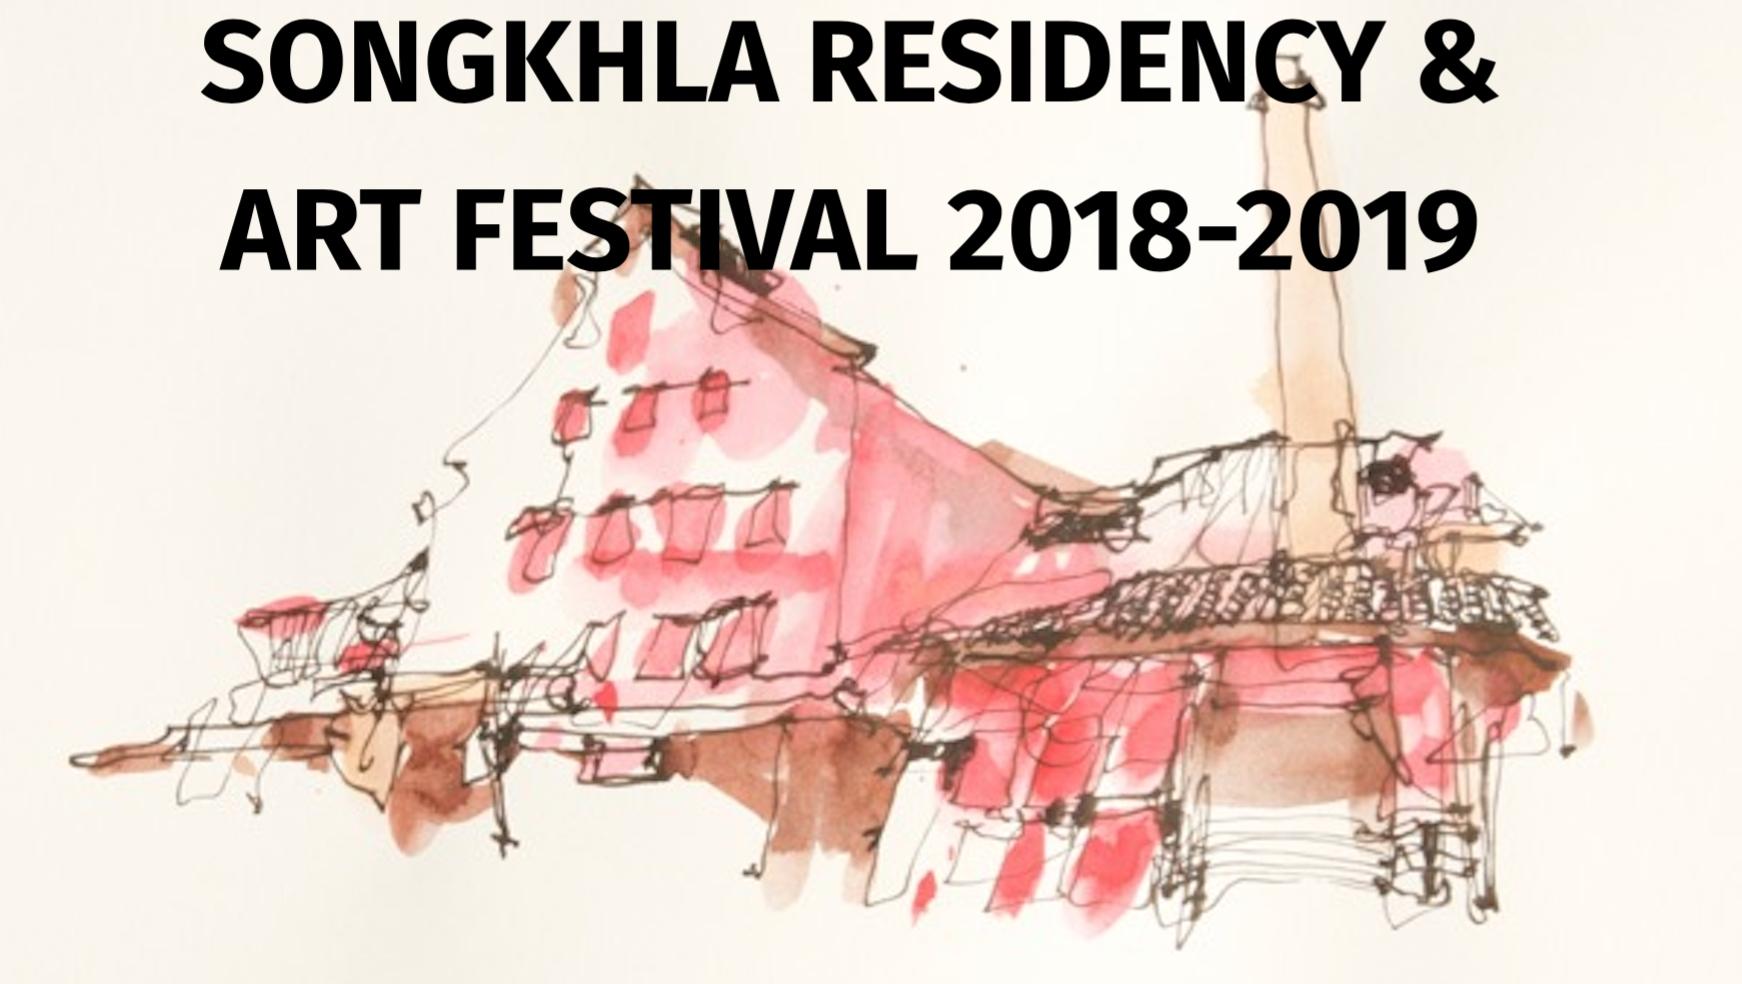 Songkhla Artist Residency Program 2018-2019 in Thailand (Funded)